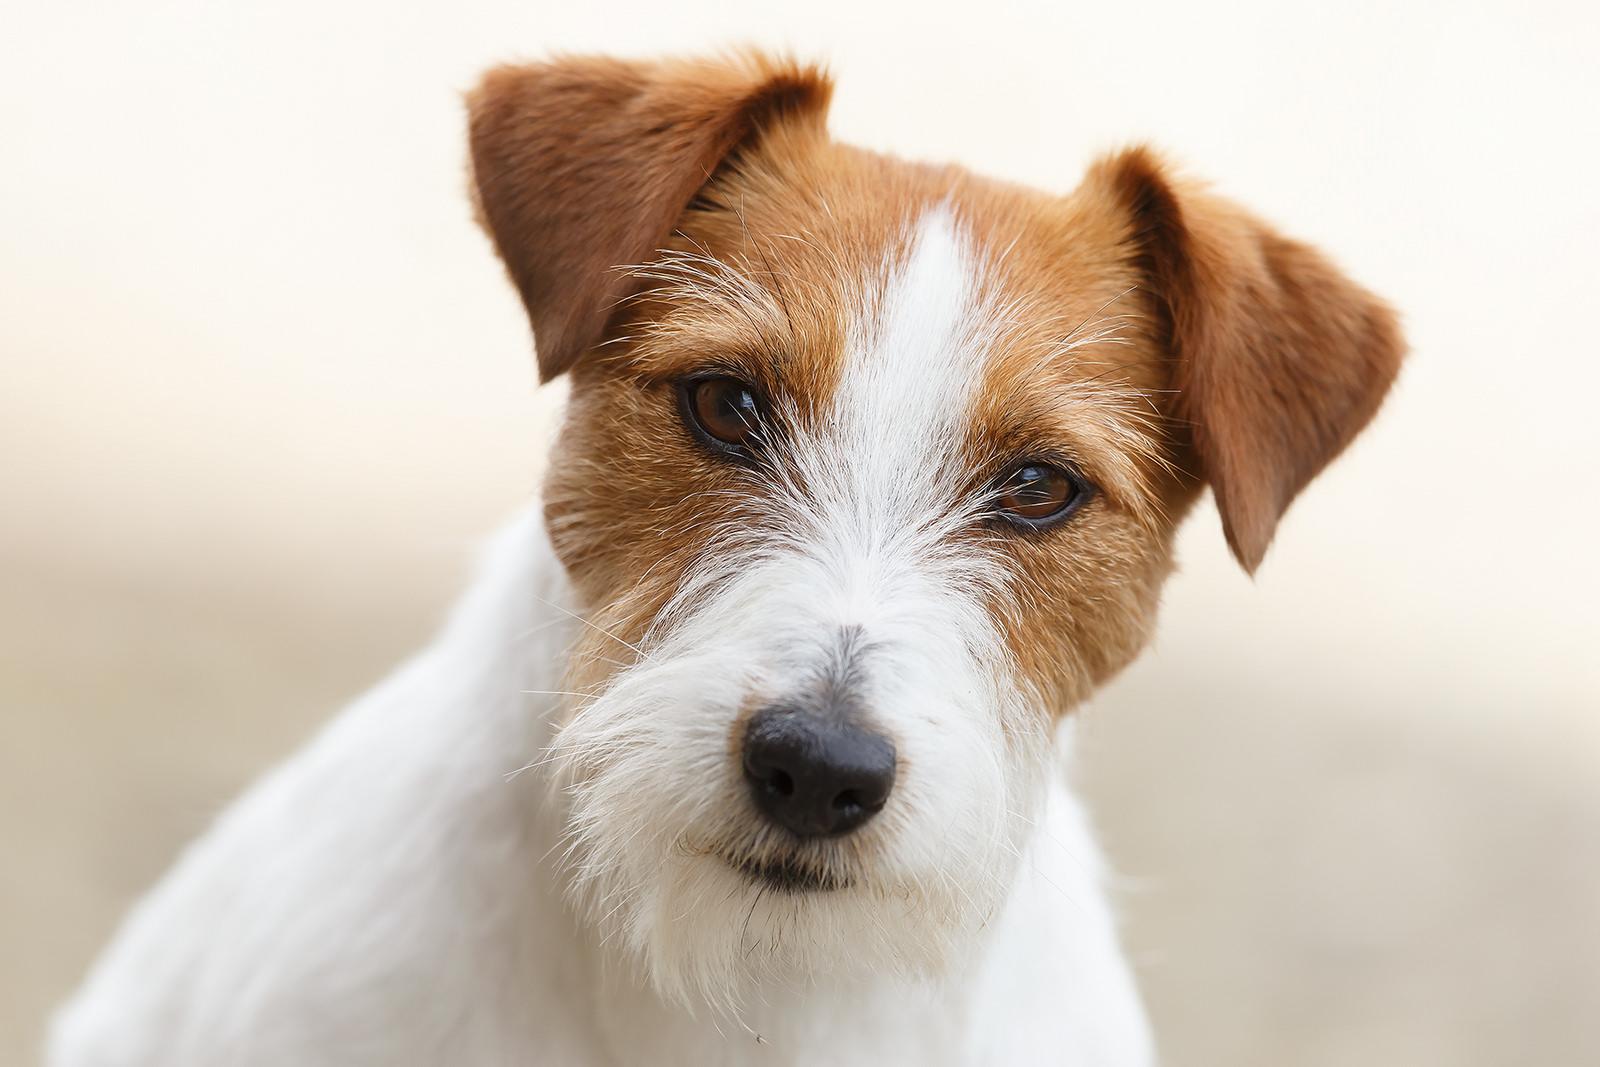 Un bello perro - 1600x1067